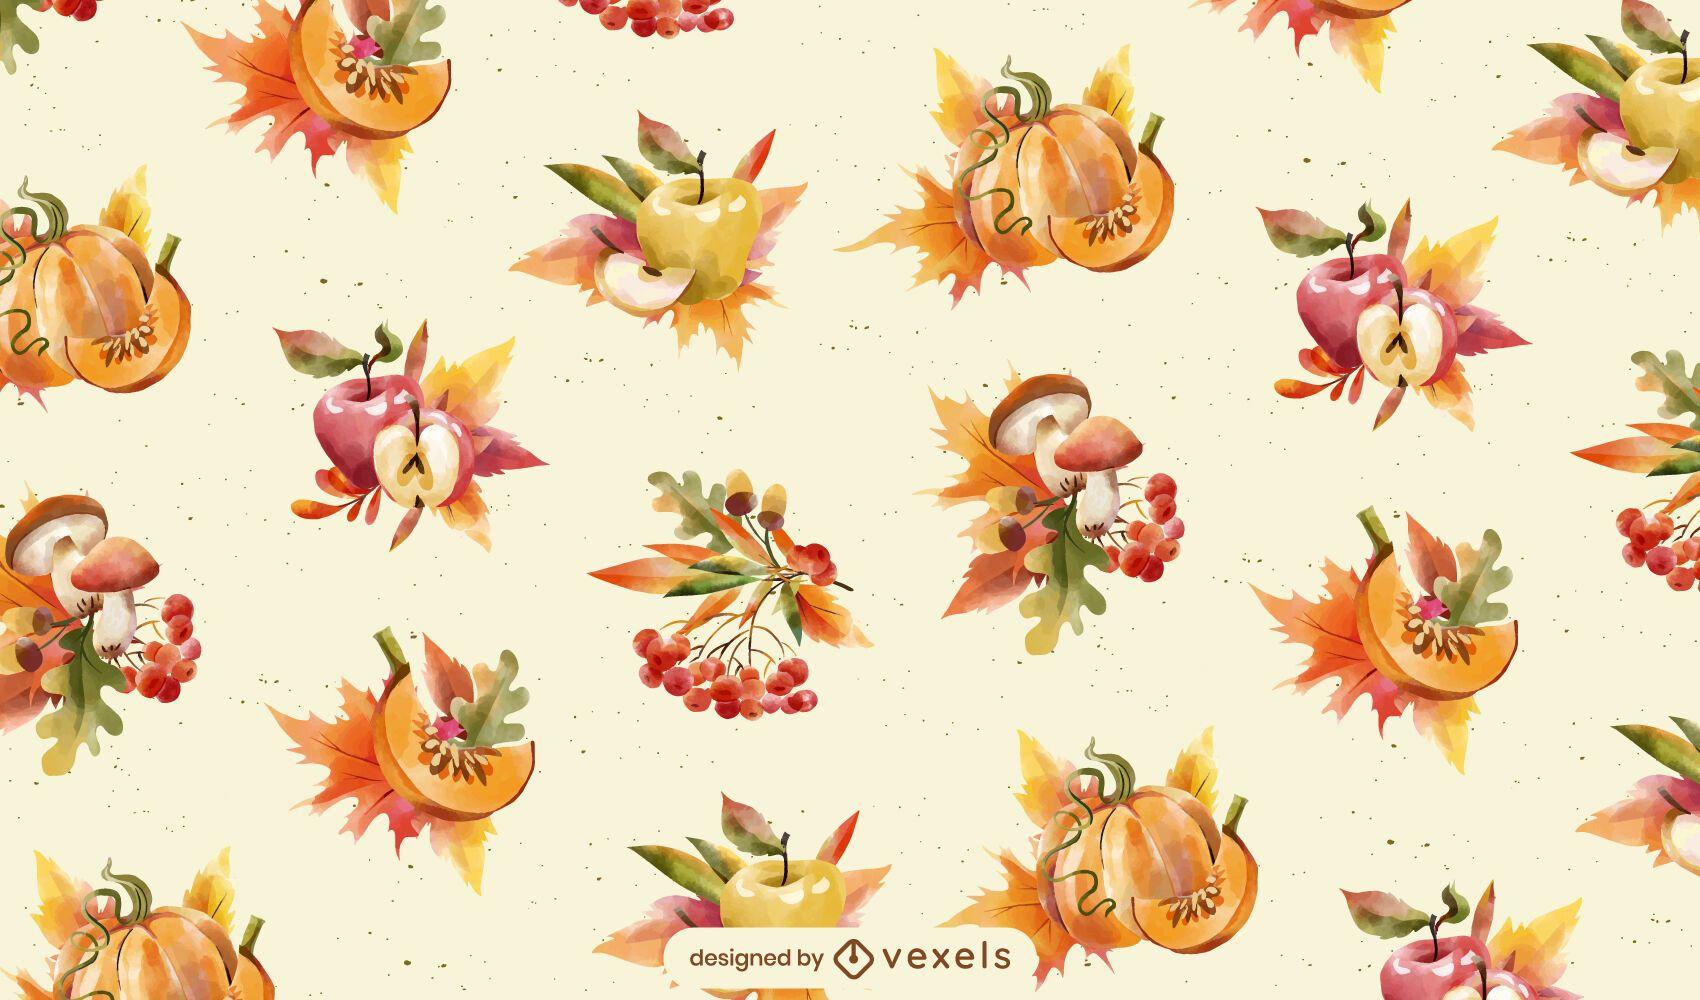 Diseño de patrón de comida de temporada de otoño